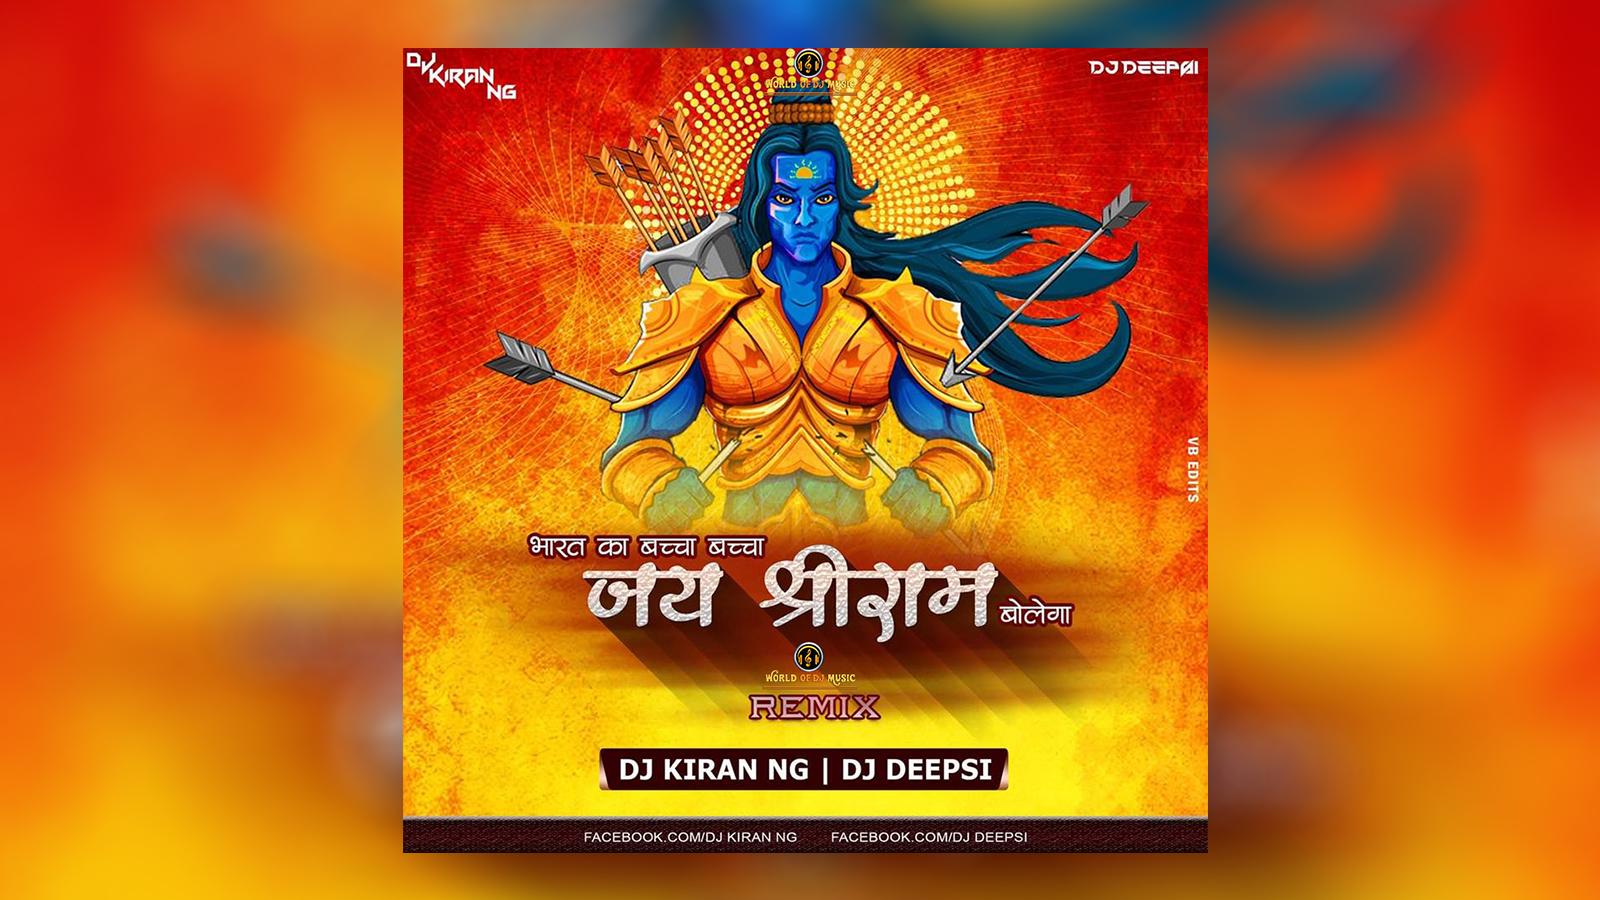 Bharat Ka Baccha Baccha Jai Shri Ram Bolega - Dj Kiran (NG) & Dj Deepsi